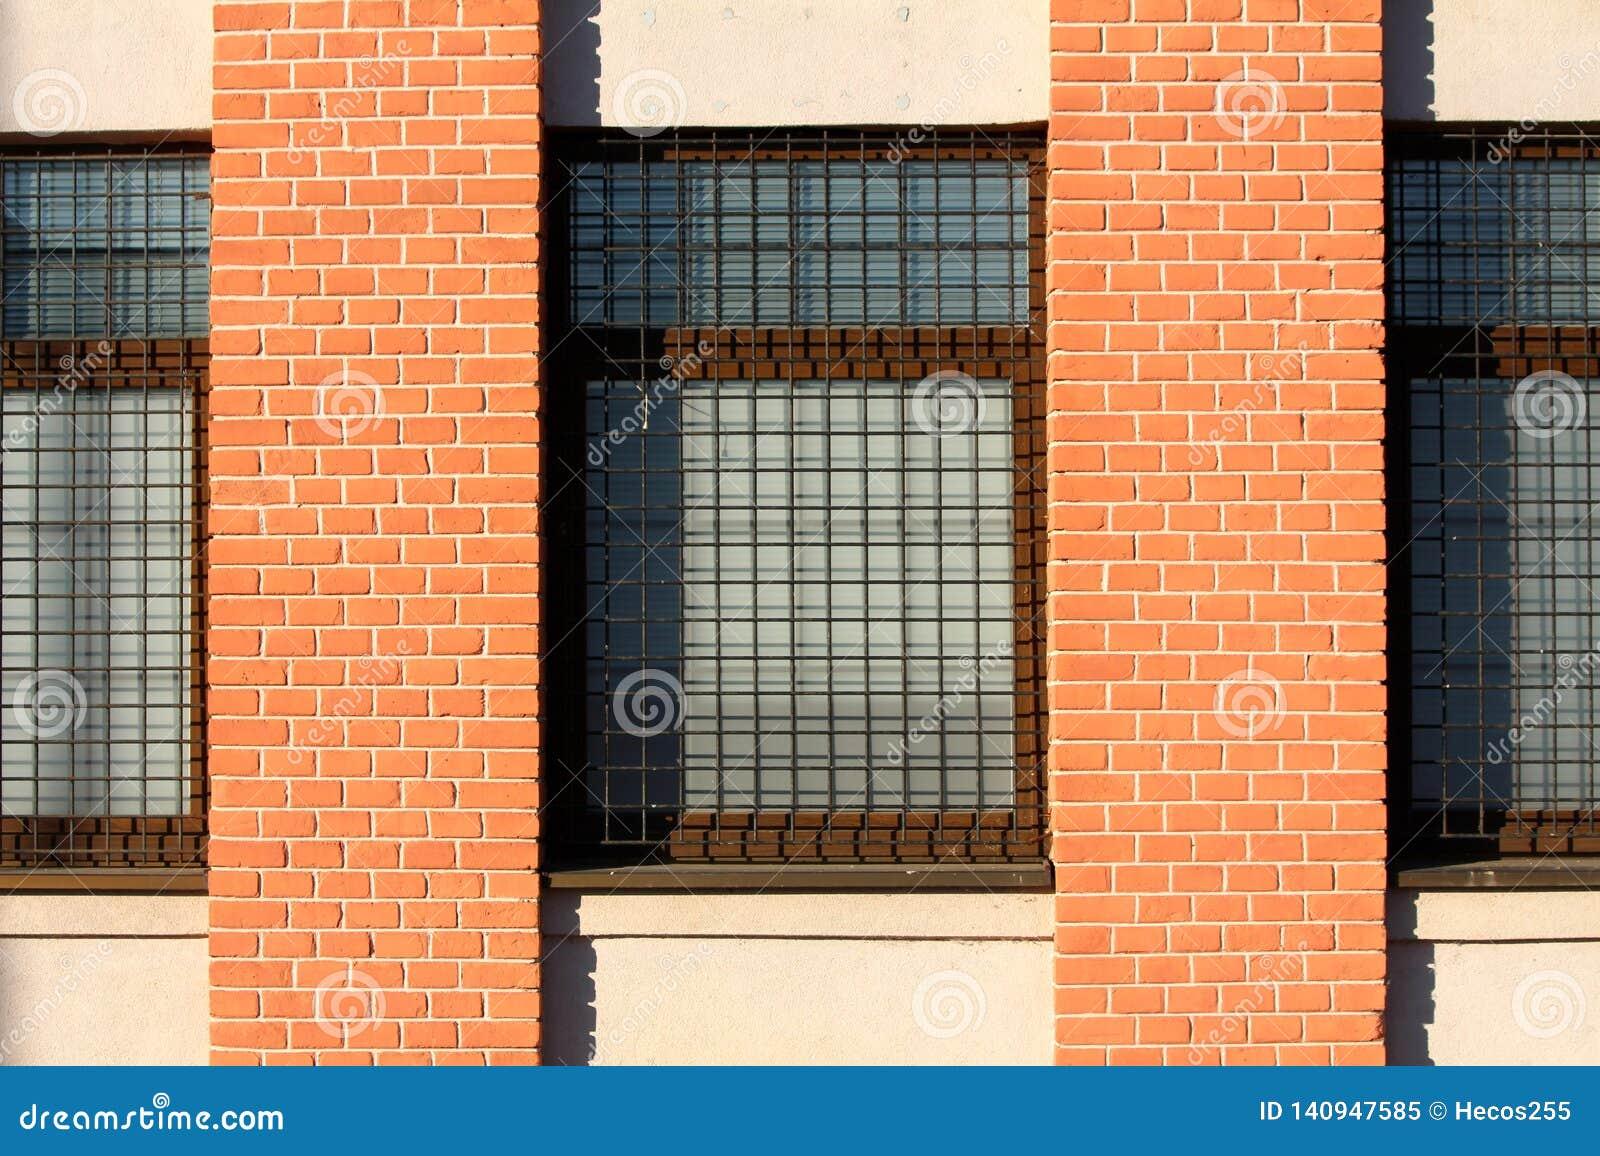 Fabbricato industriale con i pali arancio dei mattoni fra le finestre con protezione arrugginita delle barre di metallo